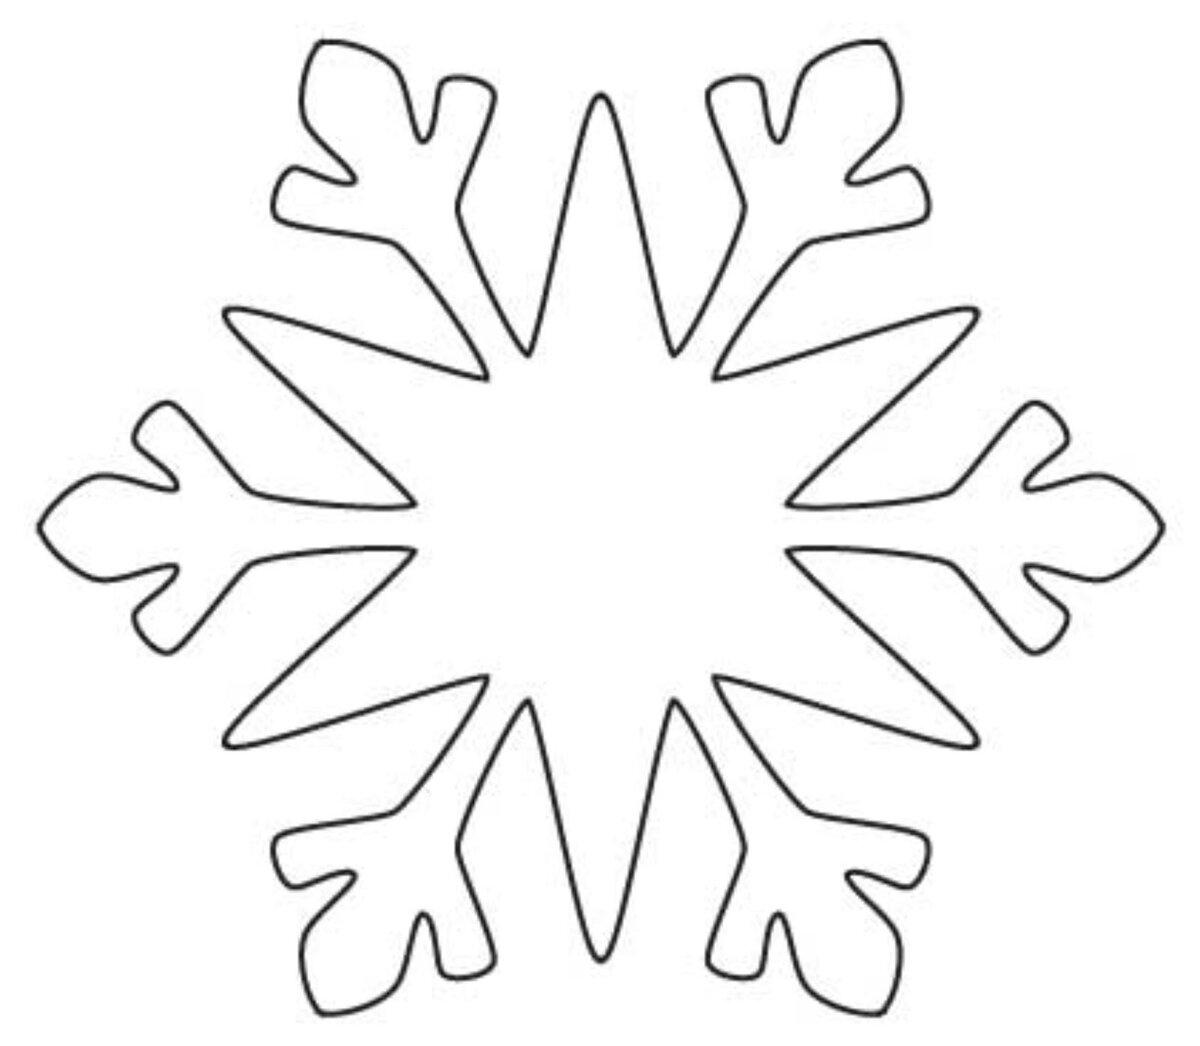 Картинки снежинки из бумаги шаблоны для вырезания распечатать, открытка днем рождения